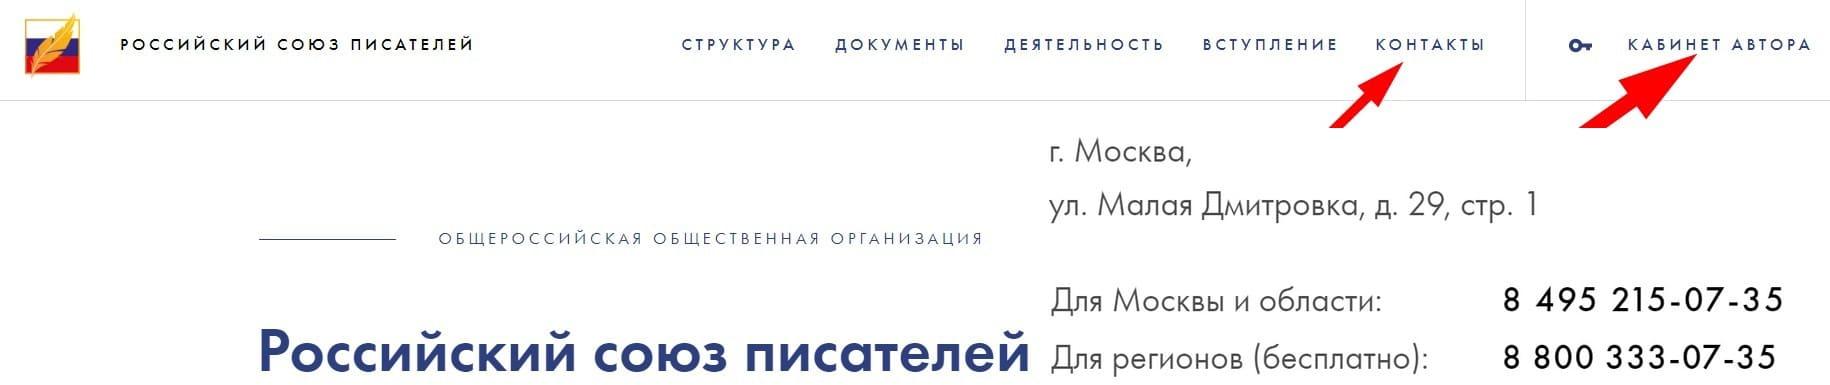 Личный кабинет Российского союза писателей